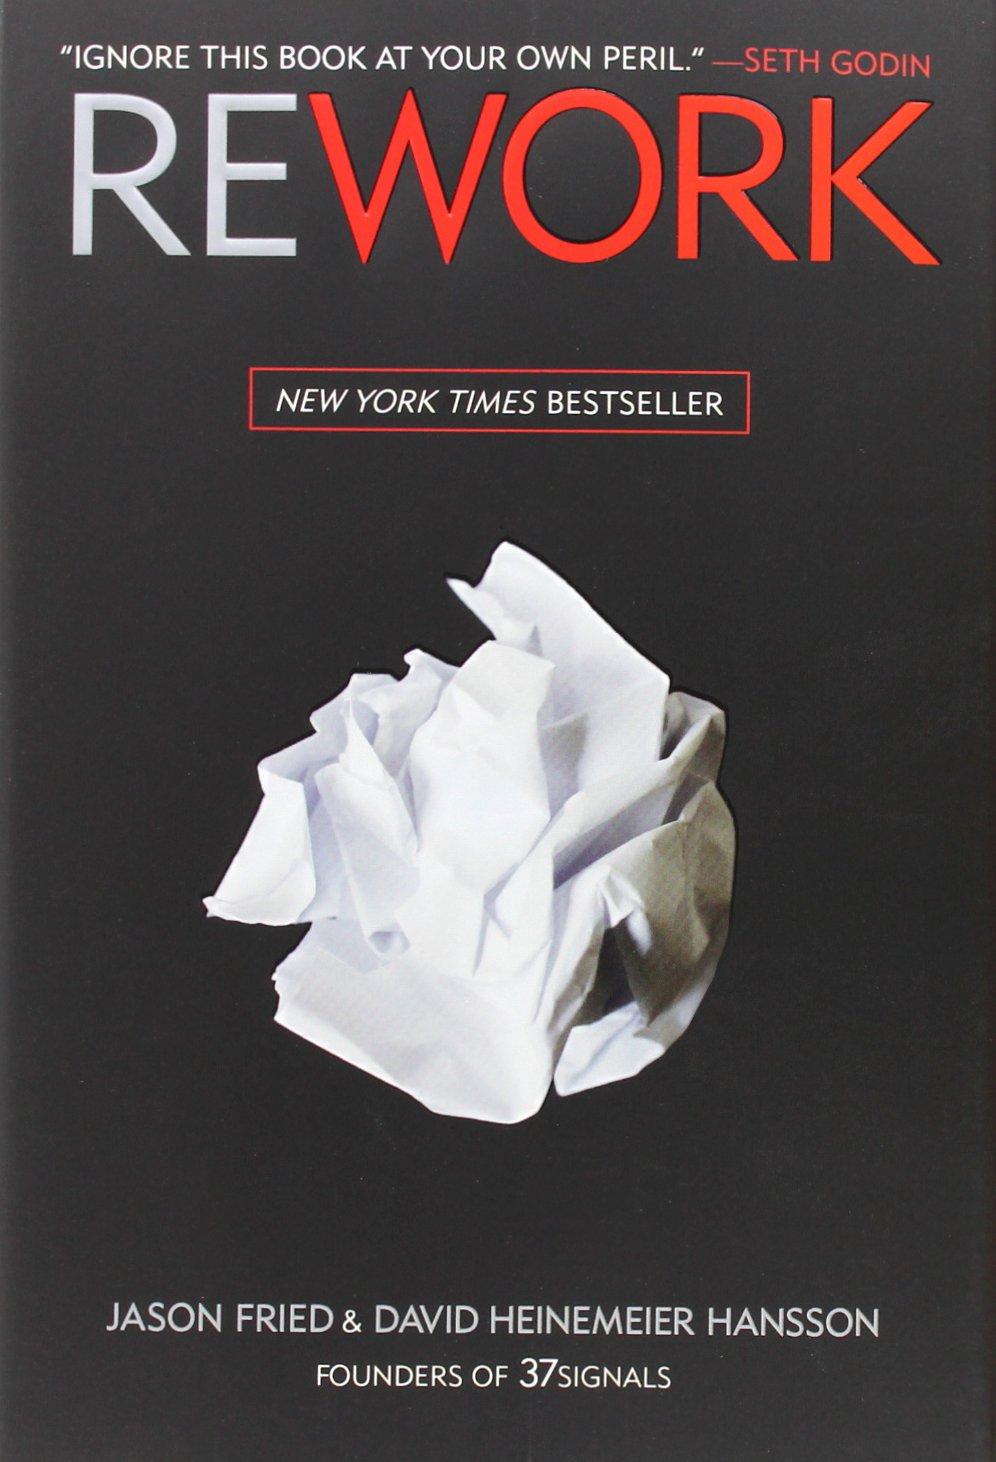 J. Fried, D. Heinemeier Hansson, Rework